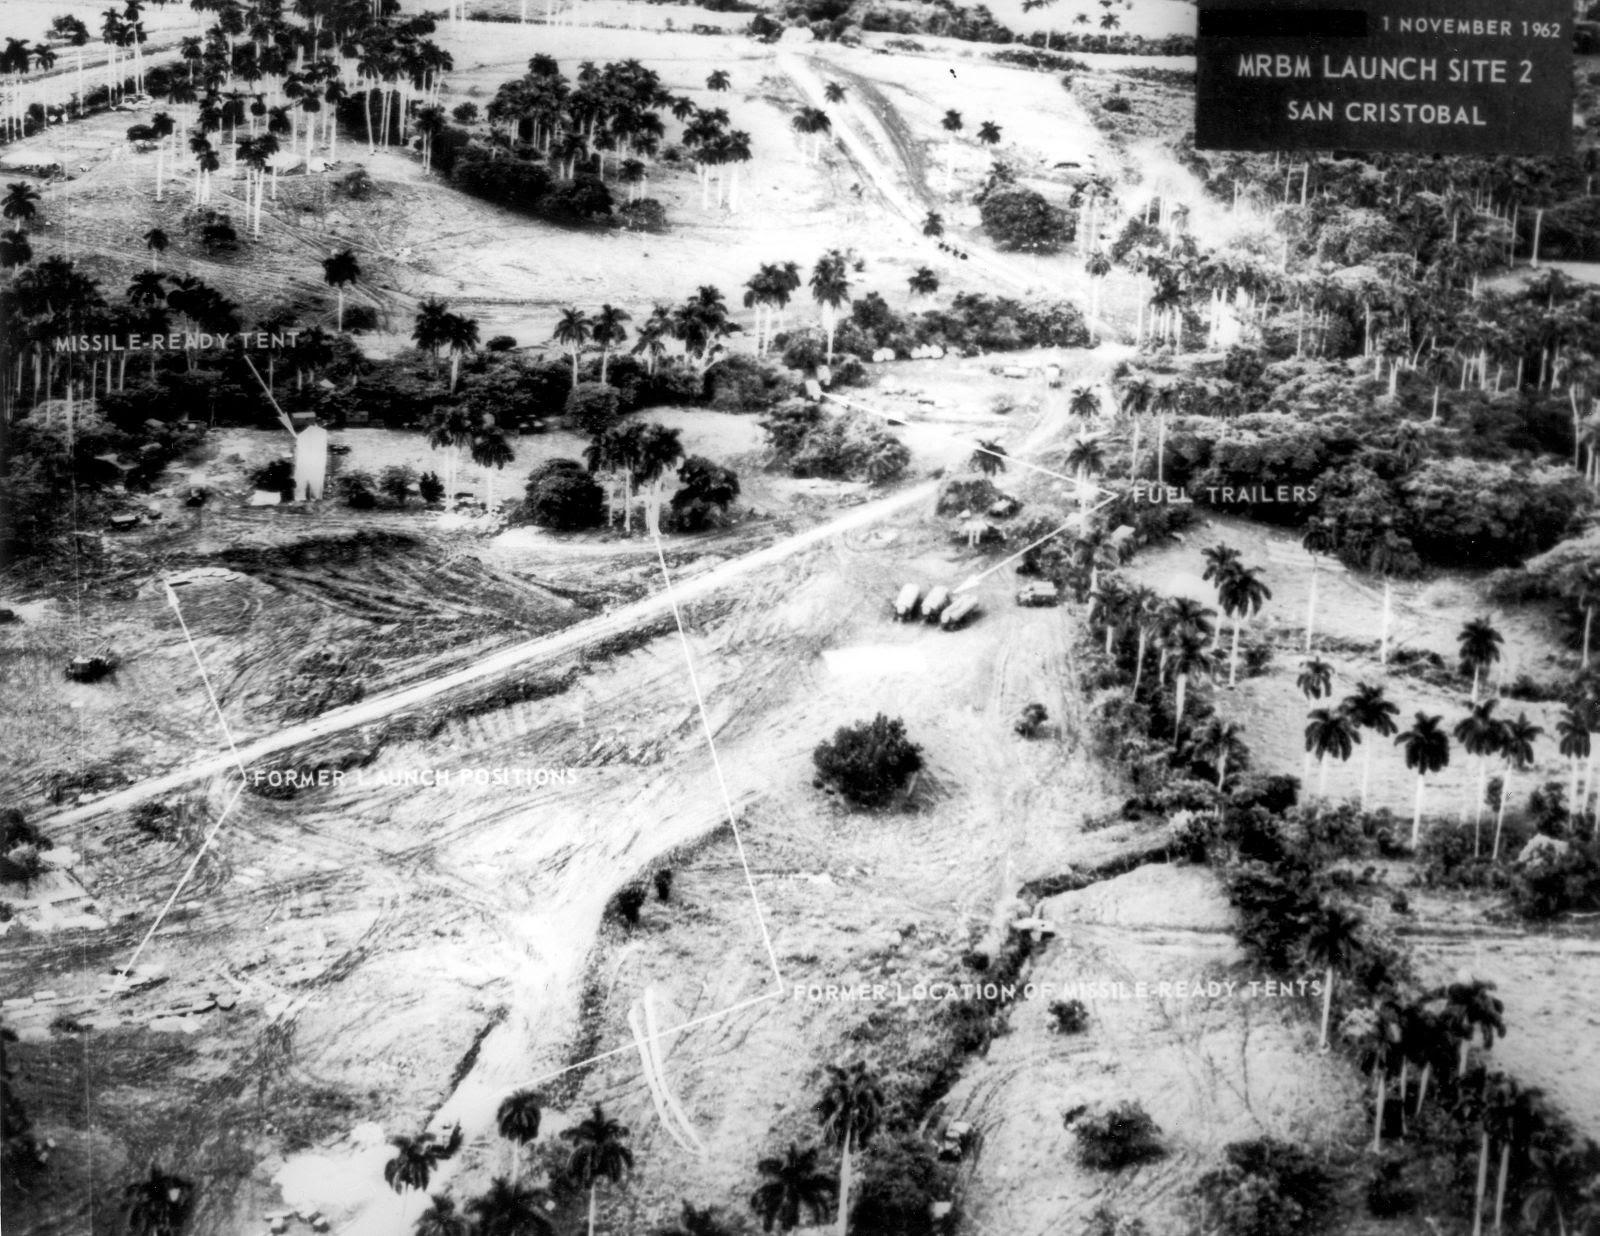 Las fotografías tomadas por los aviones U-2 demostraron la construcción de silos soviéticos en suelo cubano